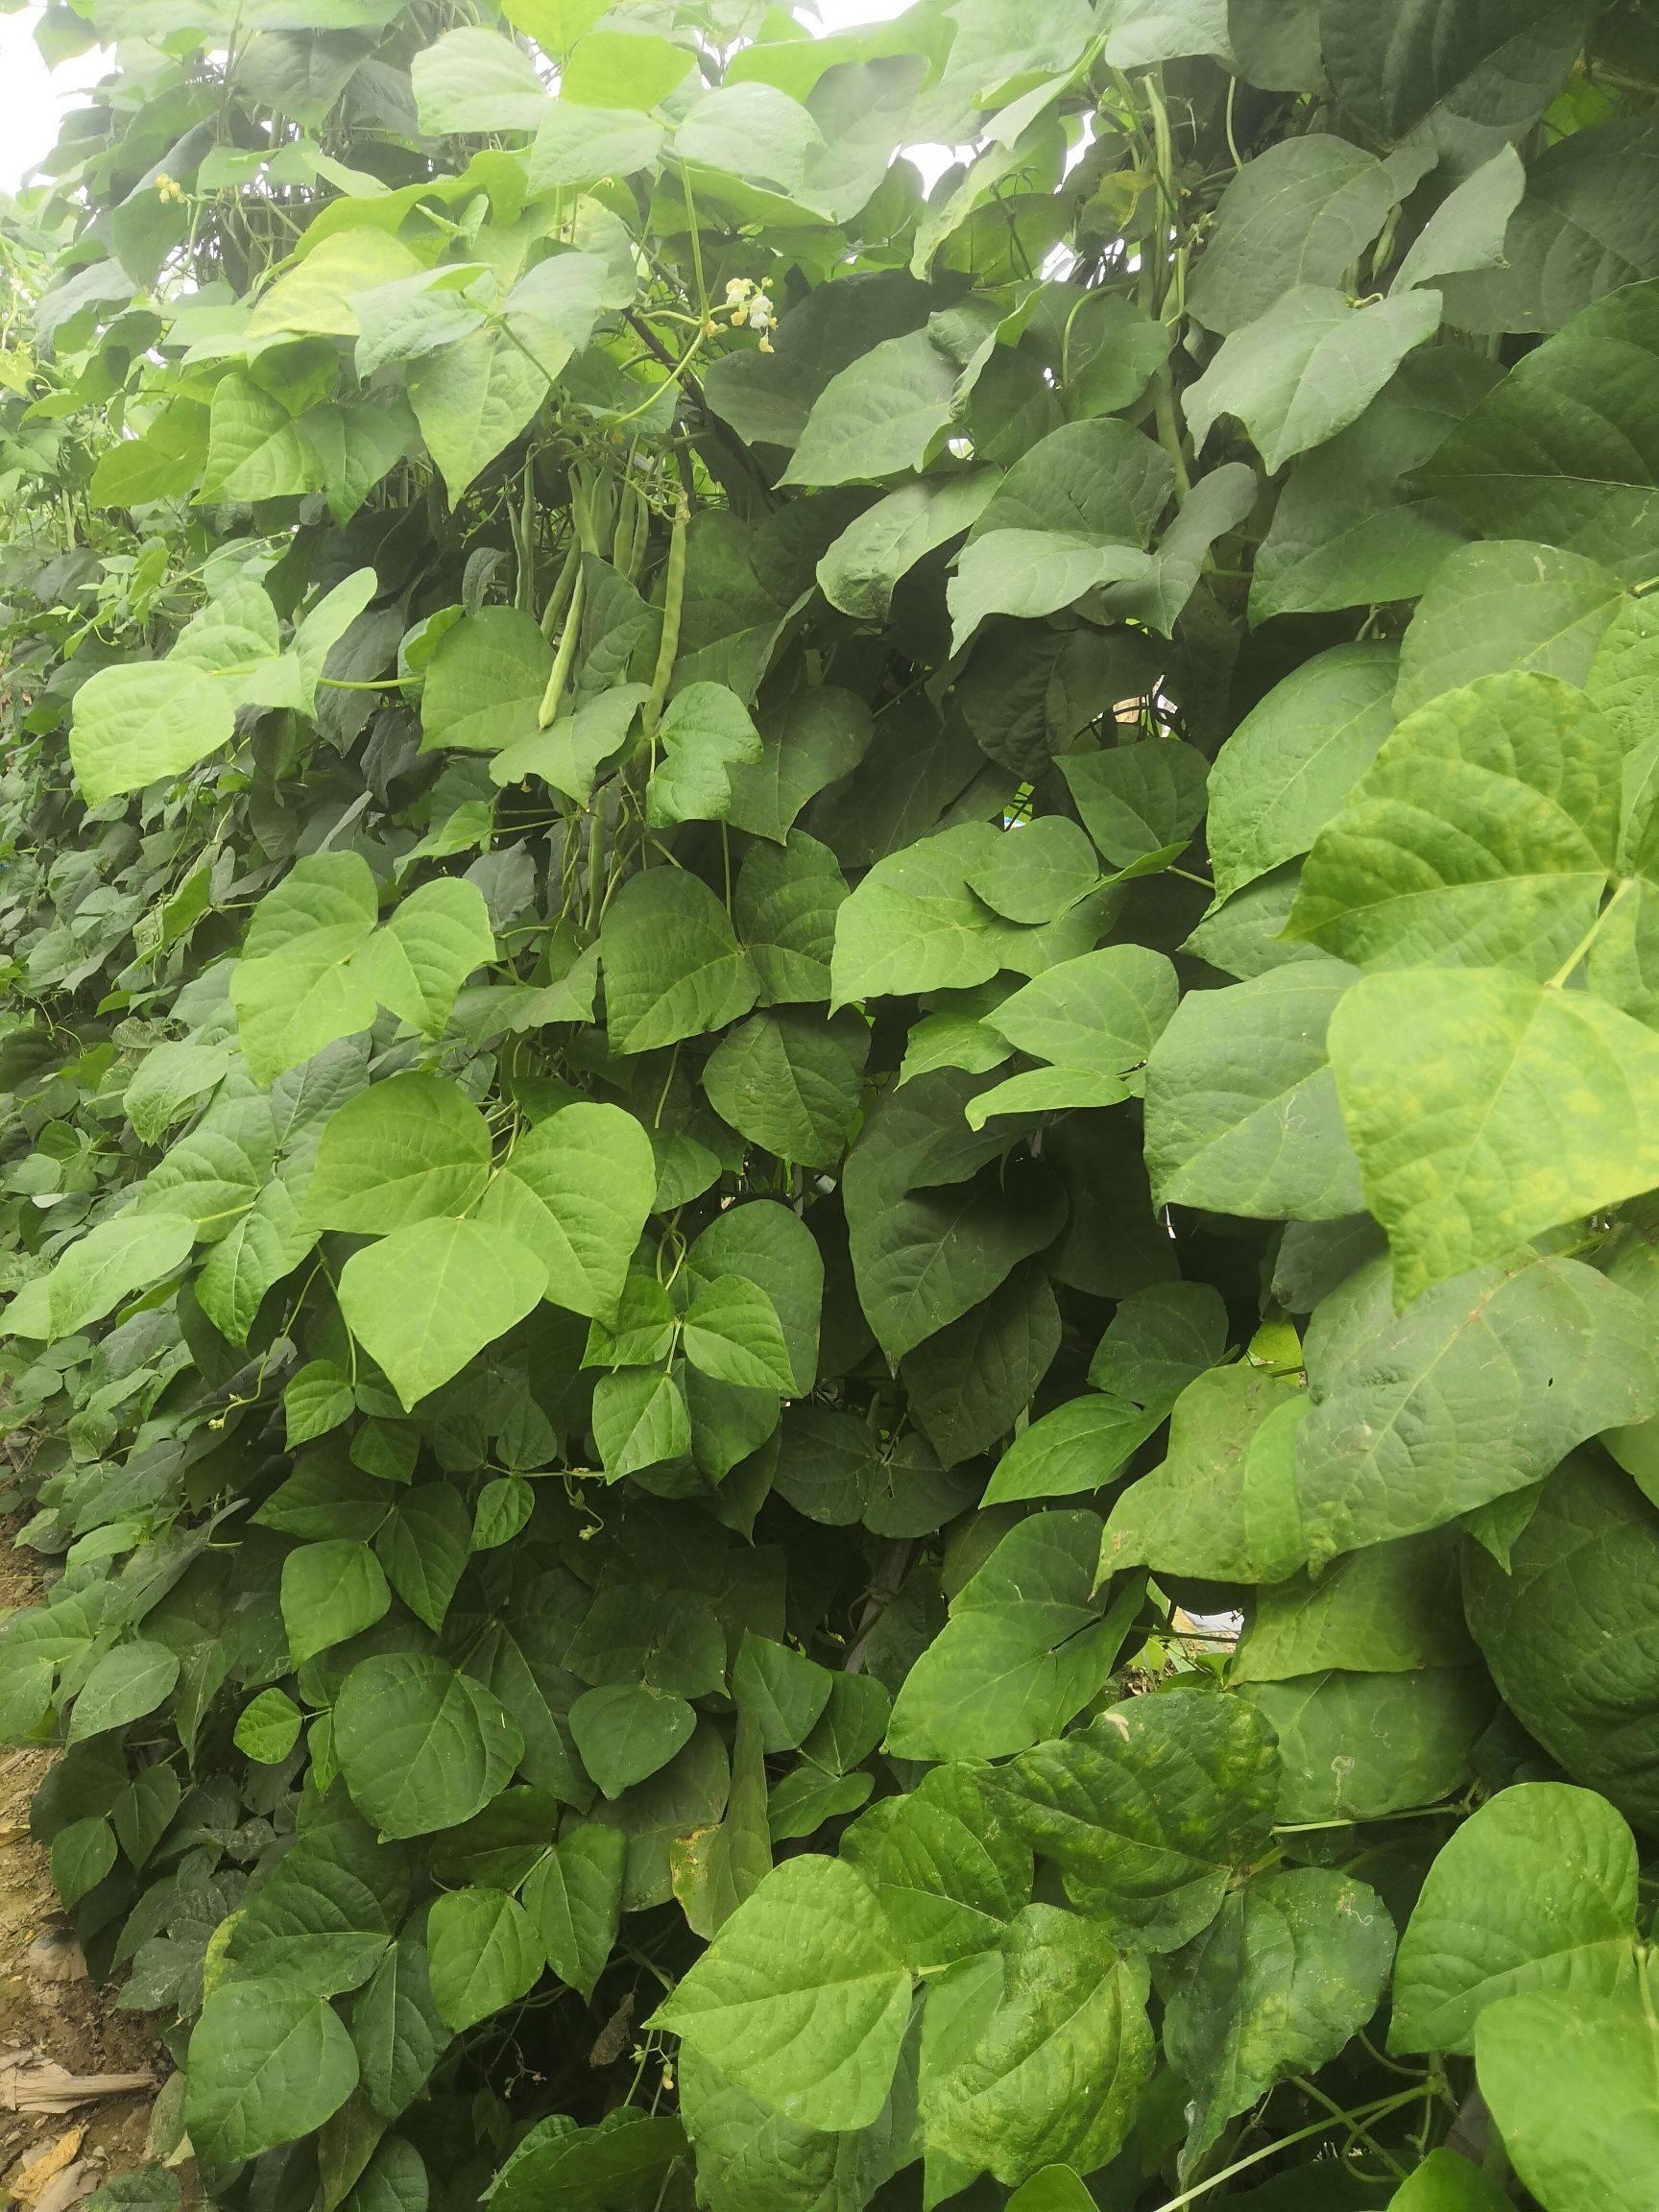 [四季豆批发]云南四季豆,金豆3斤5斤10斤可批发量大优惠价格19.8元/箱